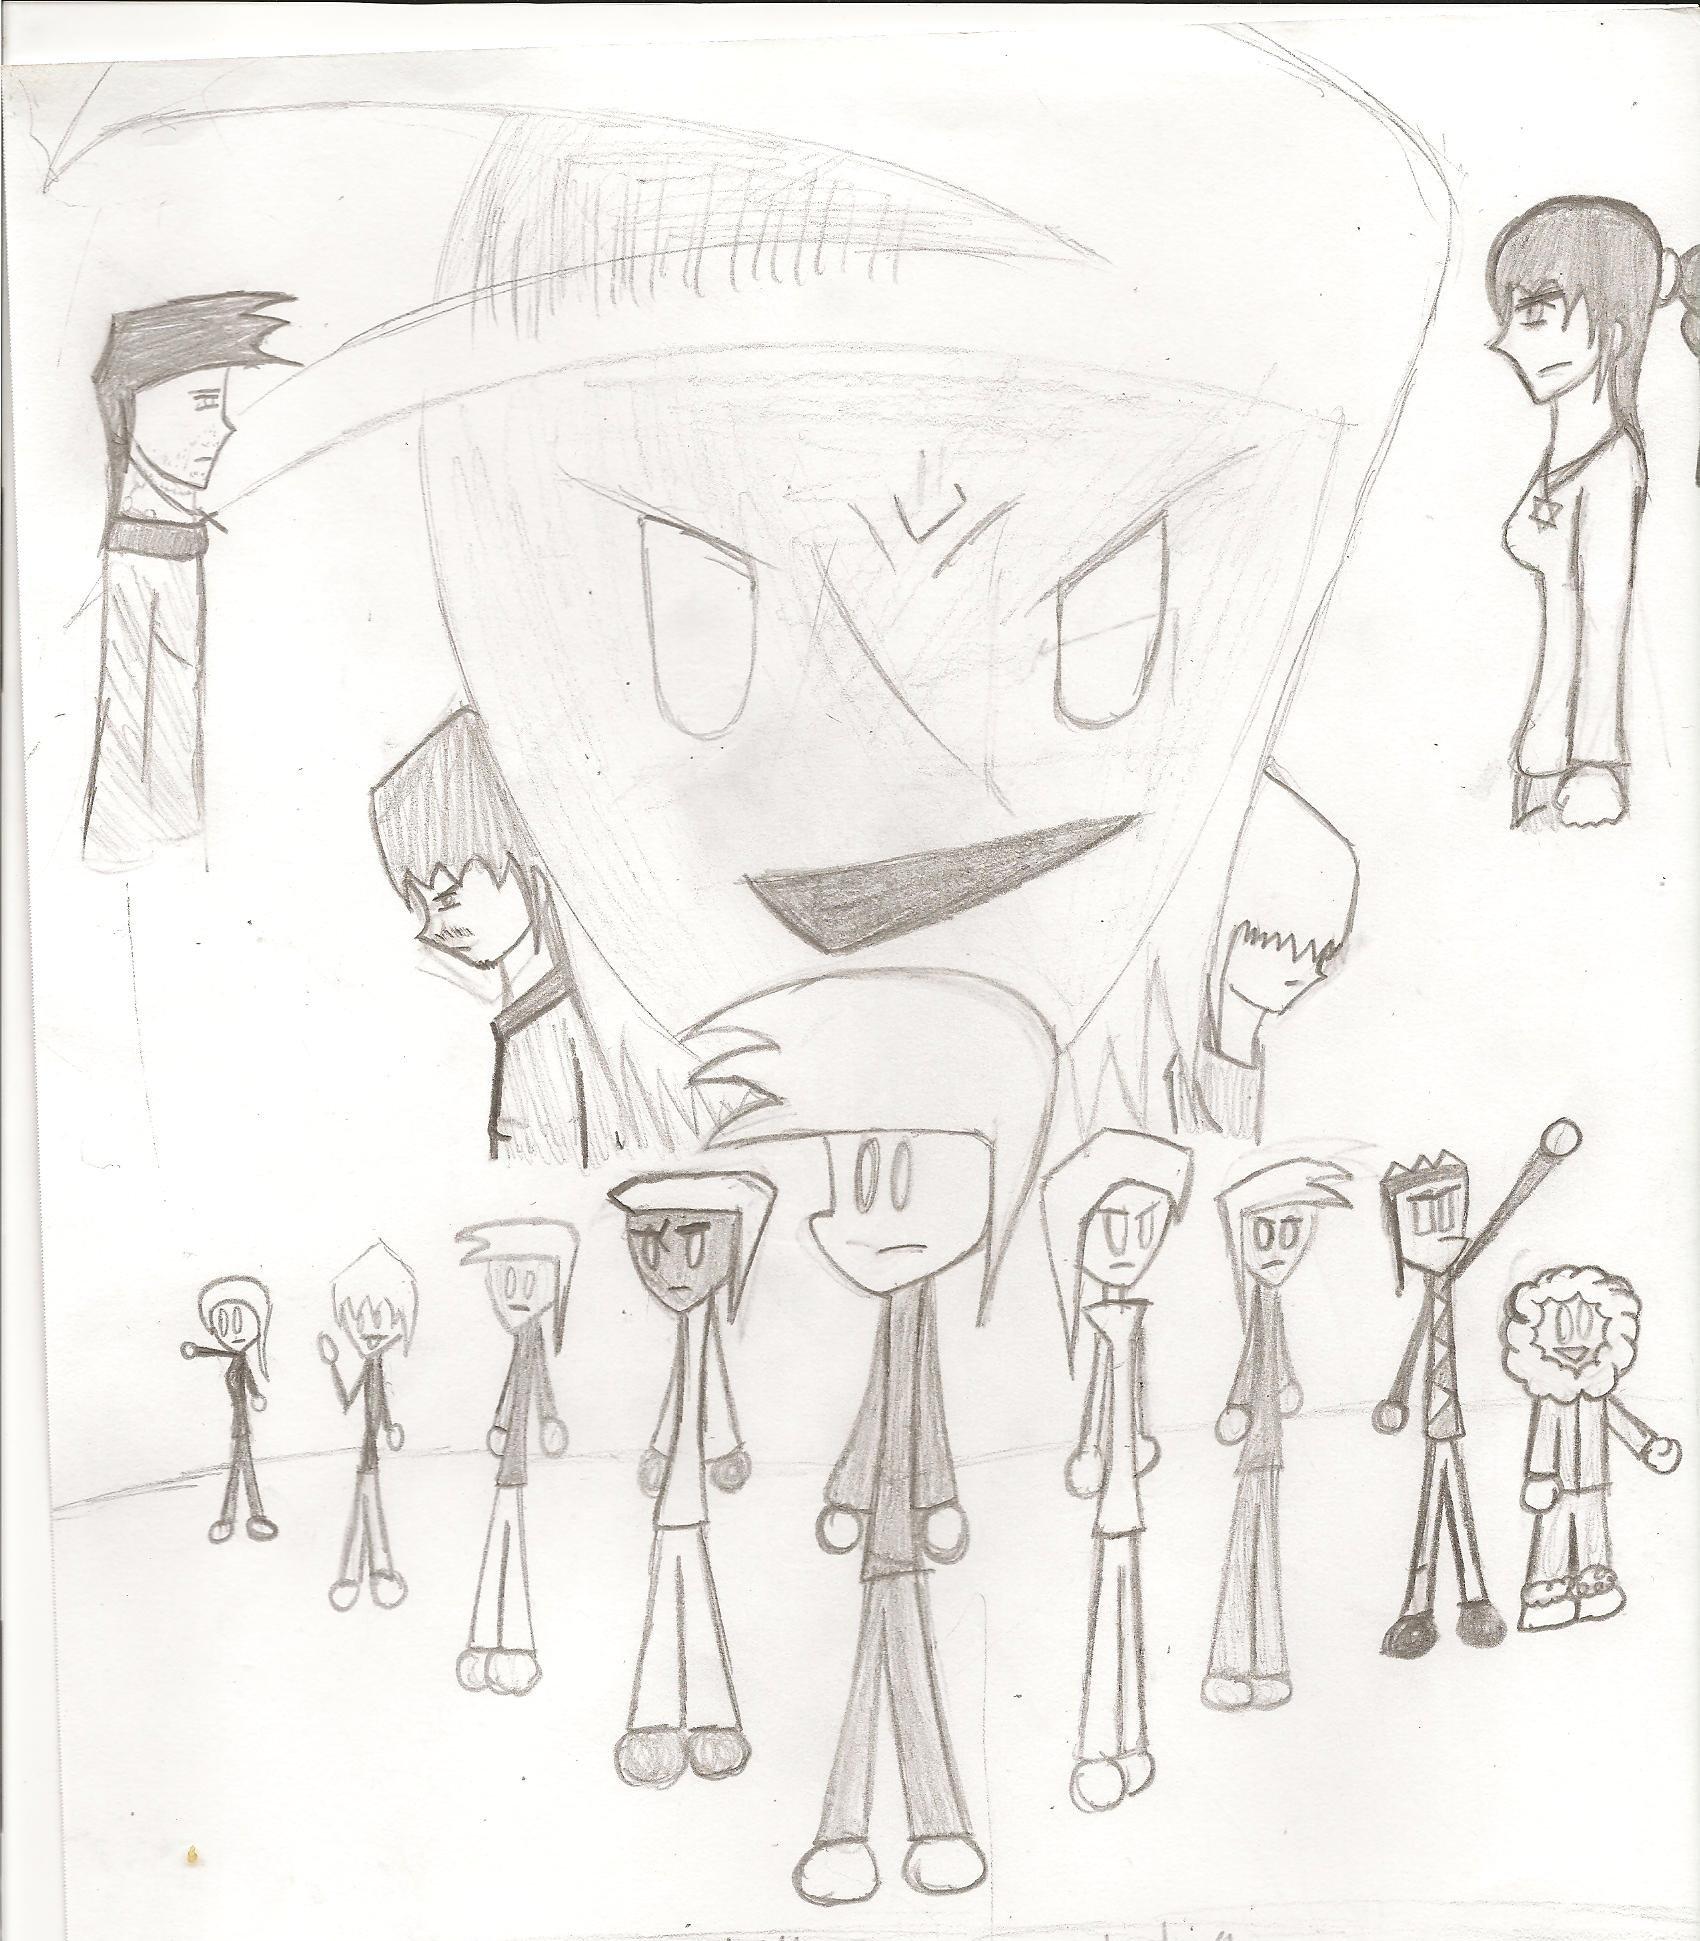 Alien Boy: epic drawing